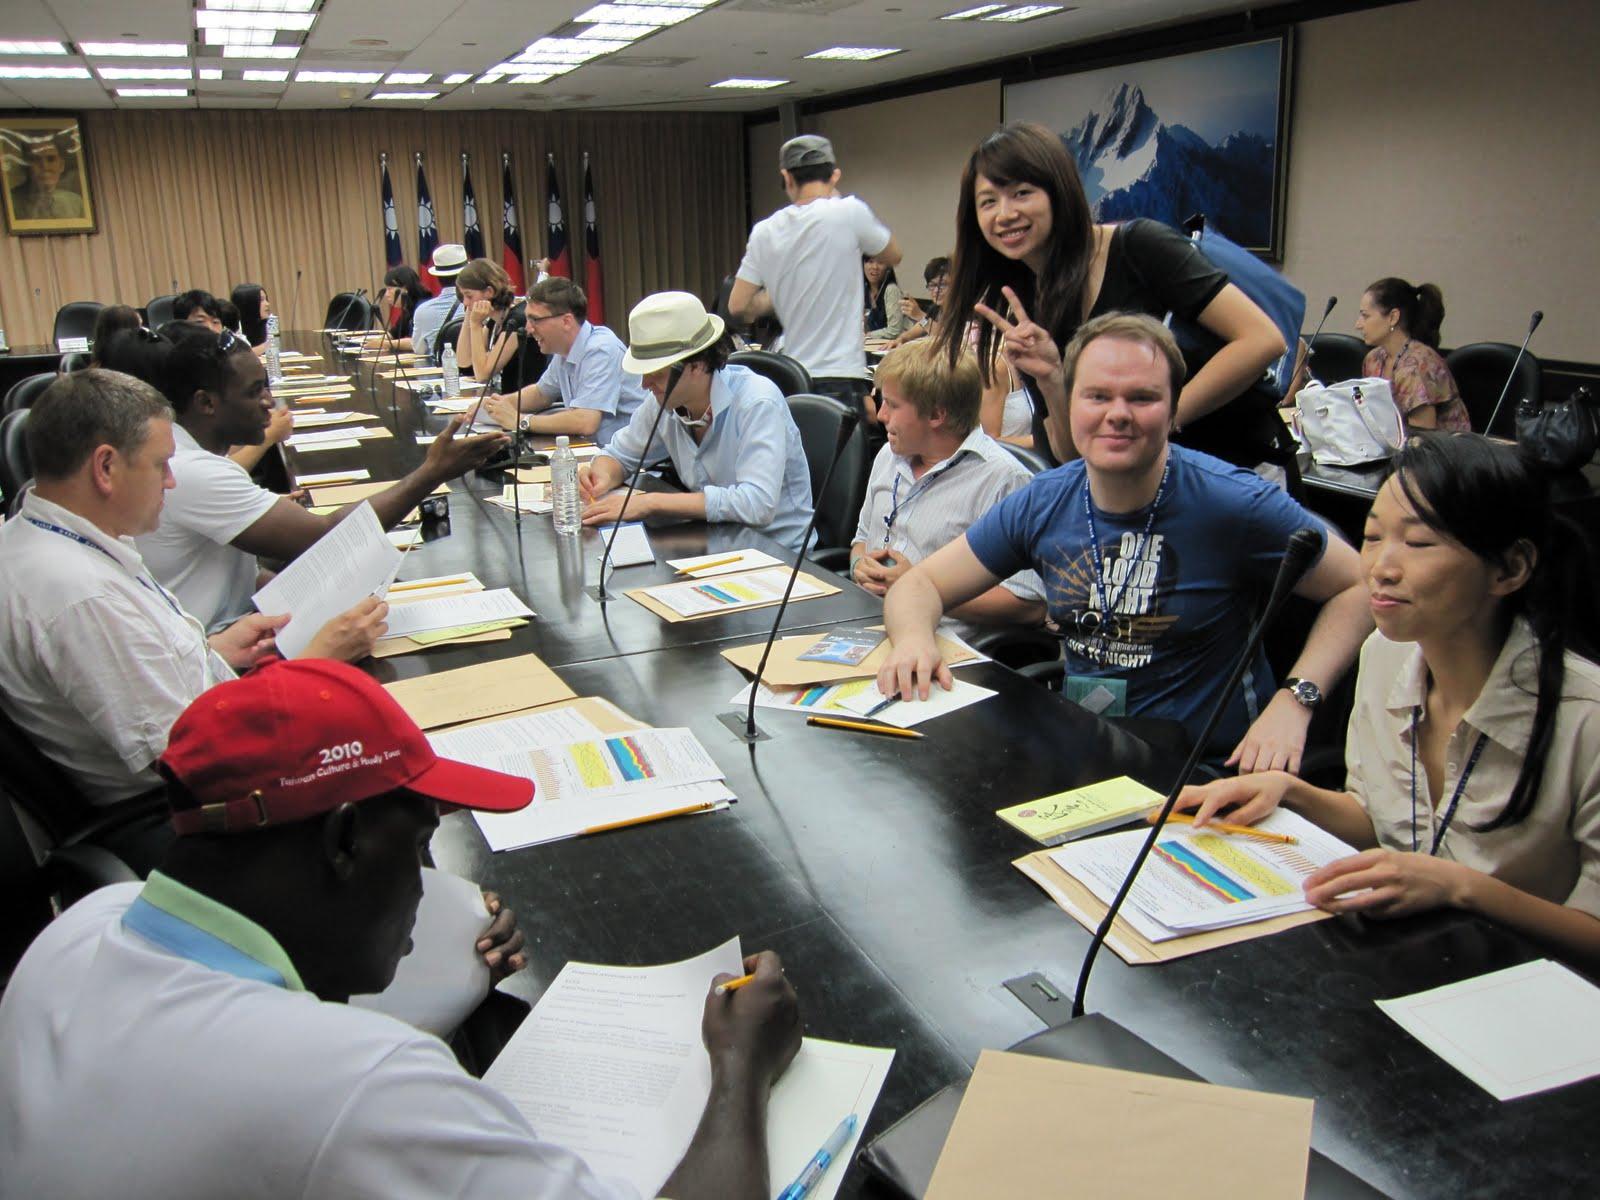 Ove og Himanshu på Taiwan-tur: Handel med Kina bidrar til fred og sikkerhet i Taiwan